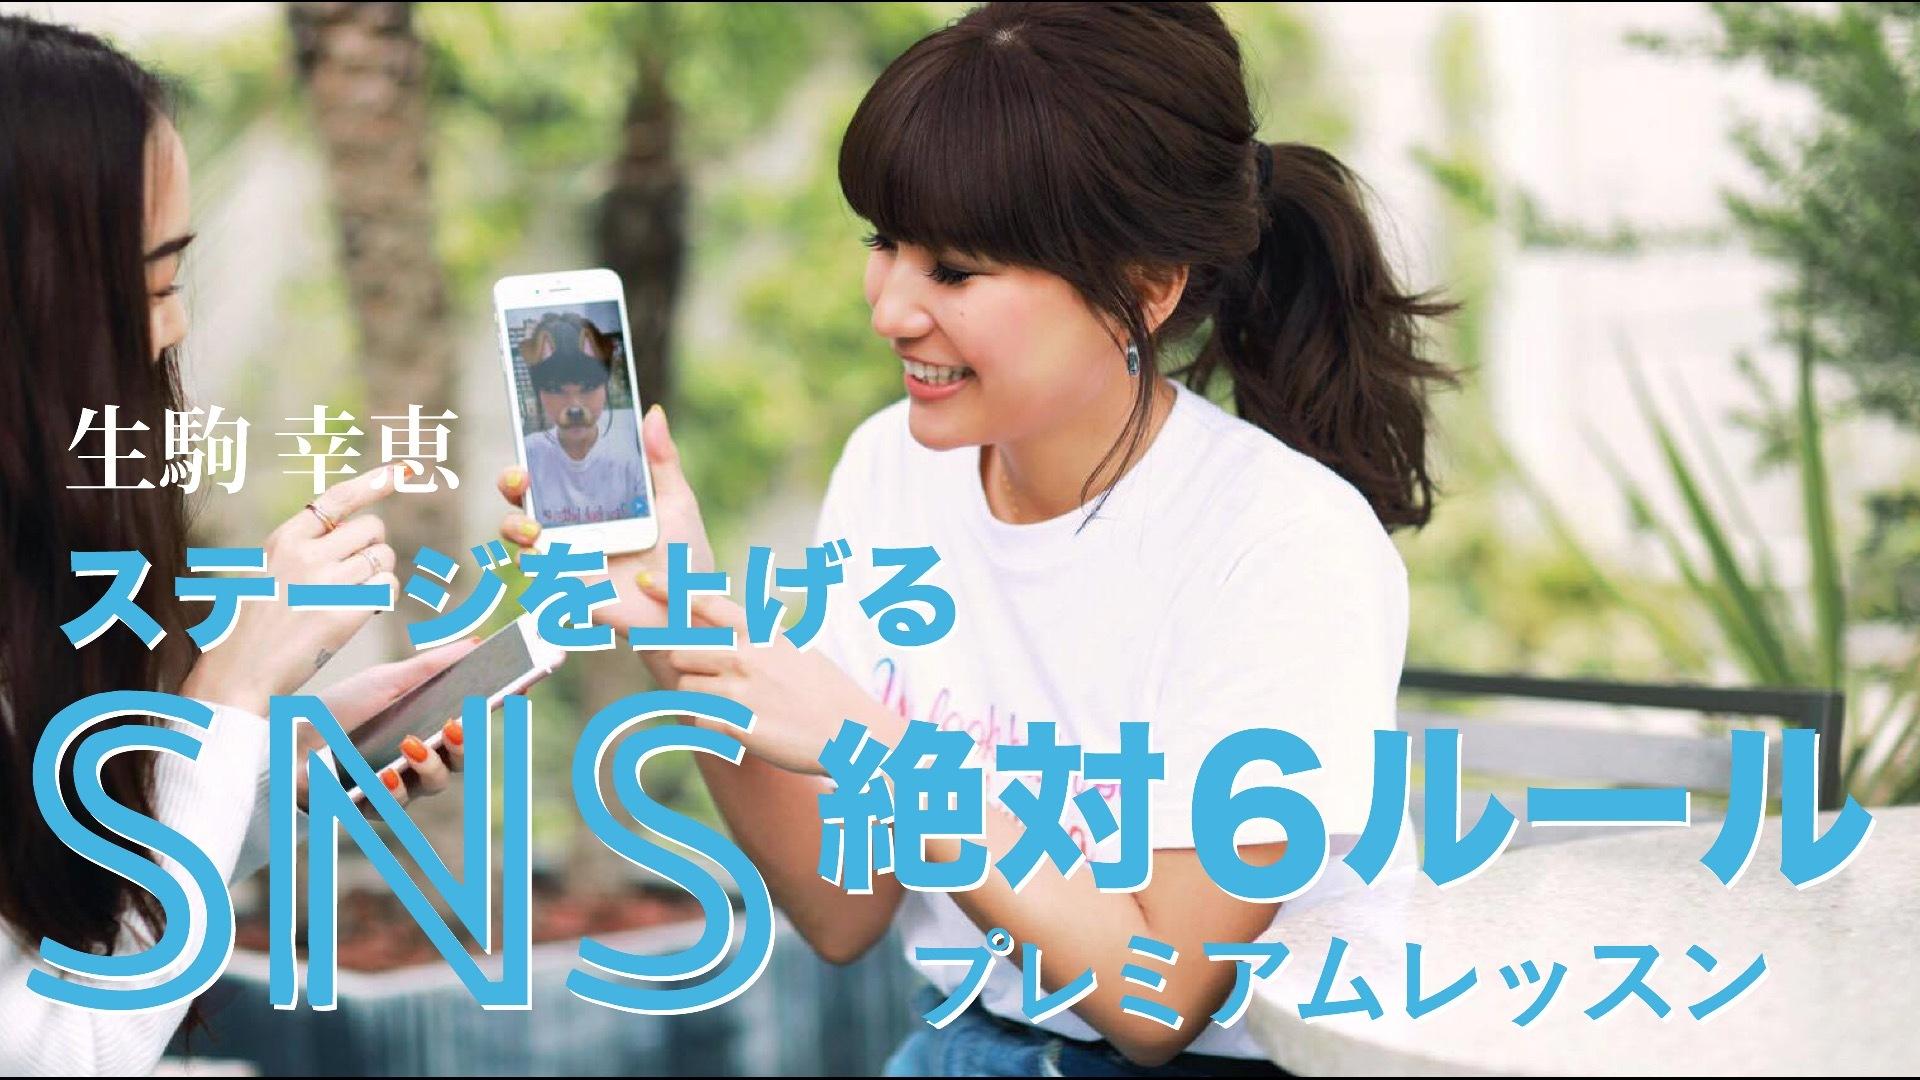 生駒幸恵(いこまさちえ) - ステージを上げるSNS絶対6ルール プレミアムレッスン - DMM オンラインサロン